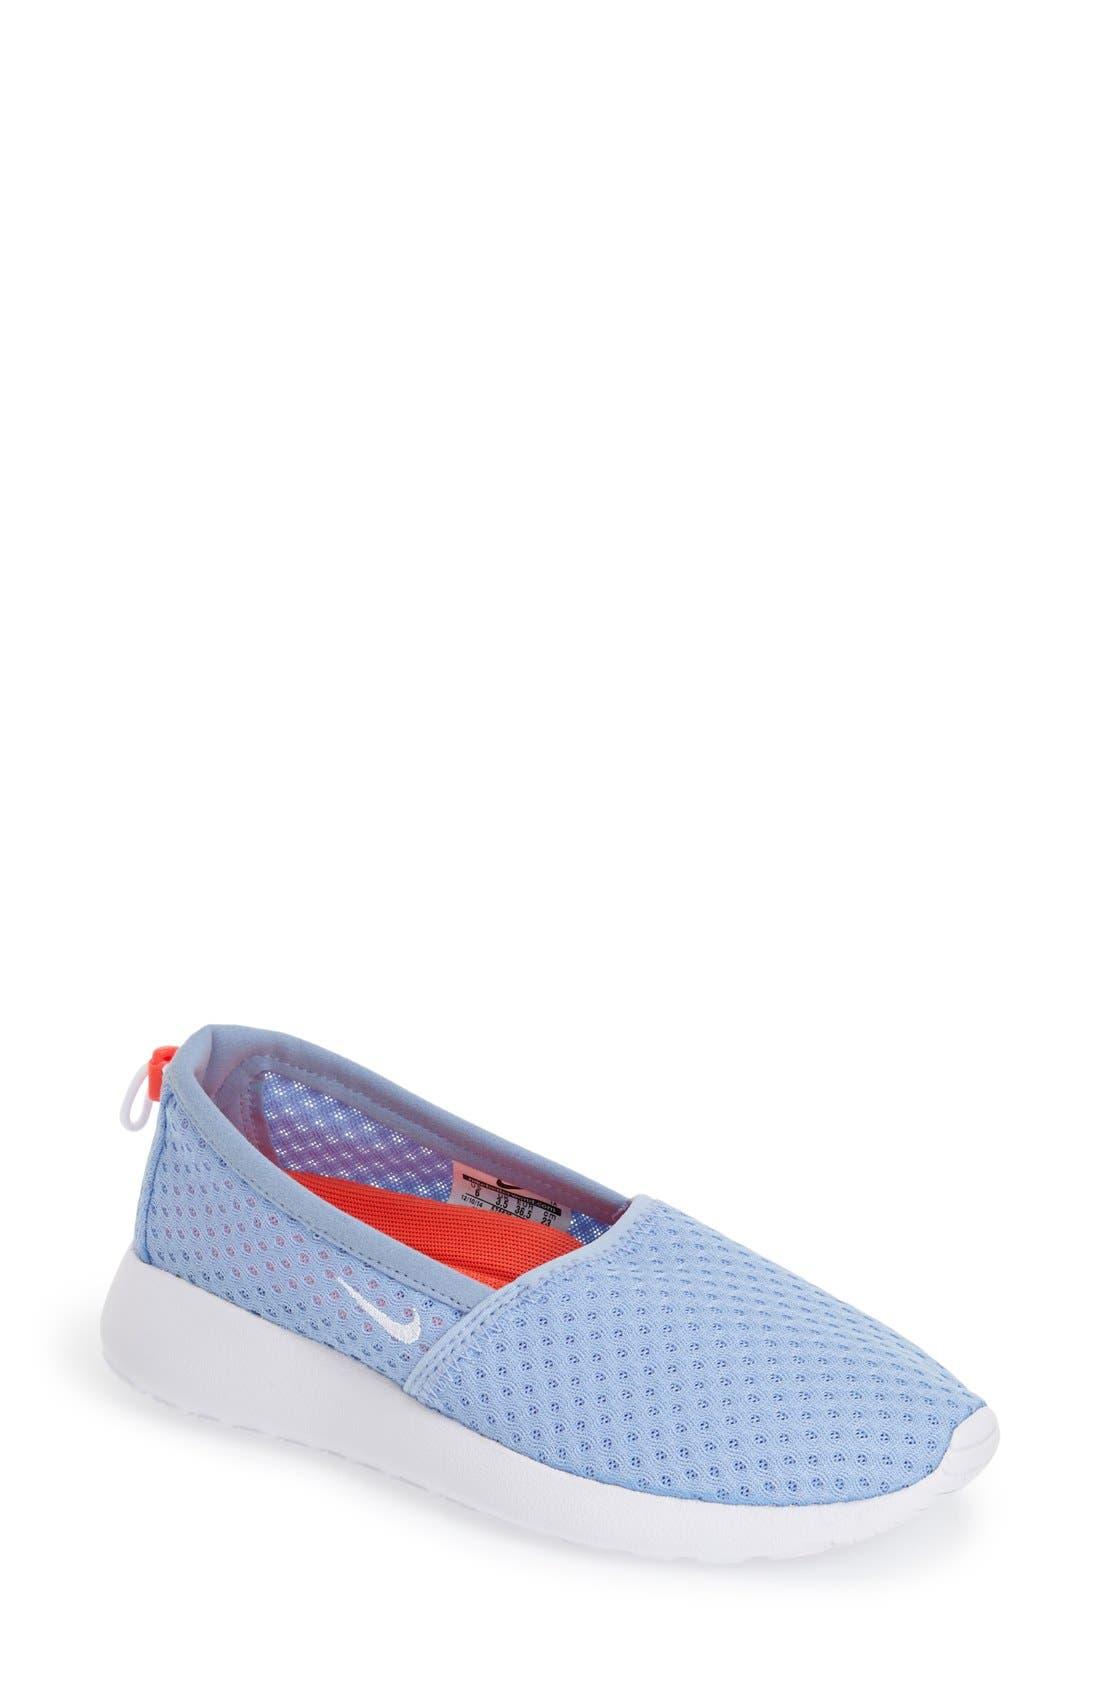 Alternate Image 1 Selected - Nike 'Roshe Run' Slip-On Sneaker (Women)